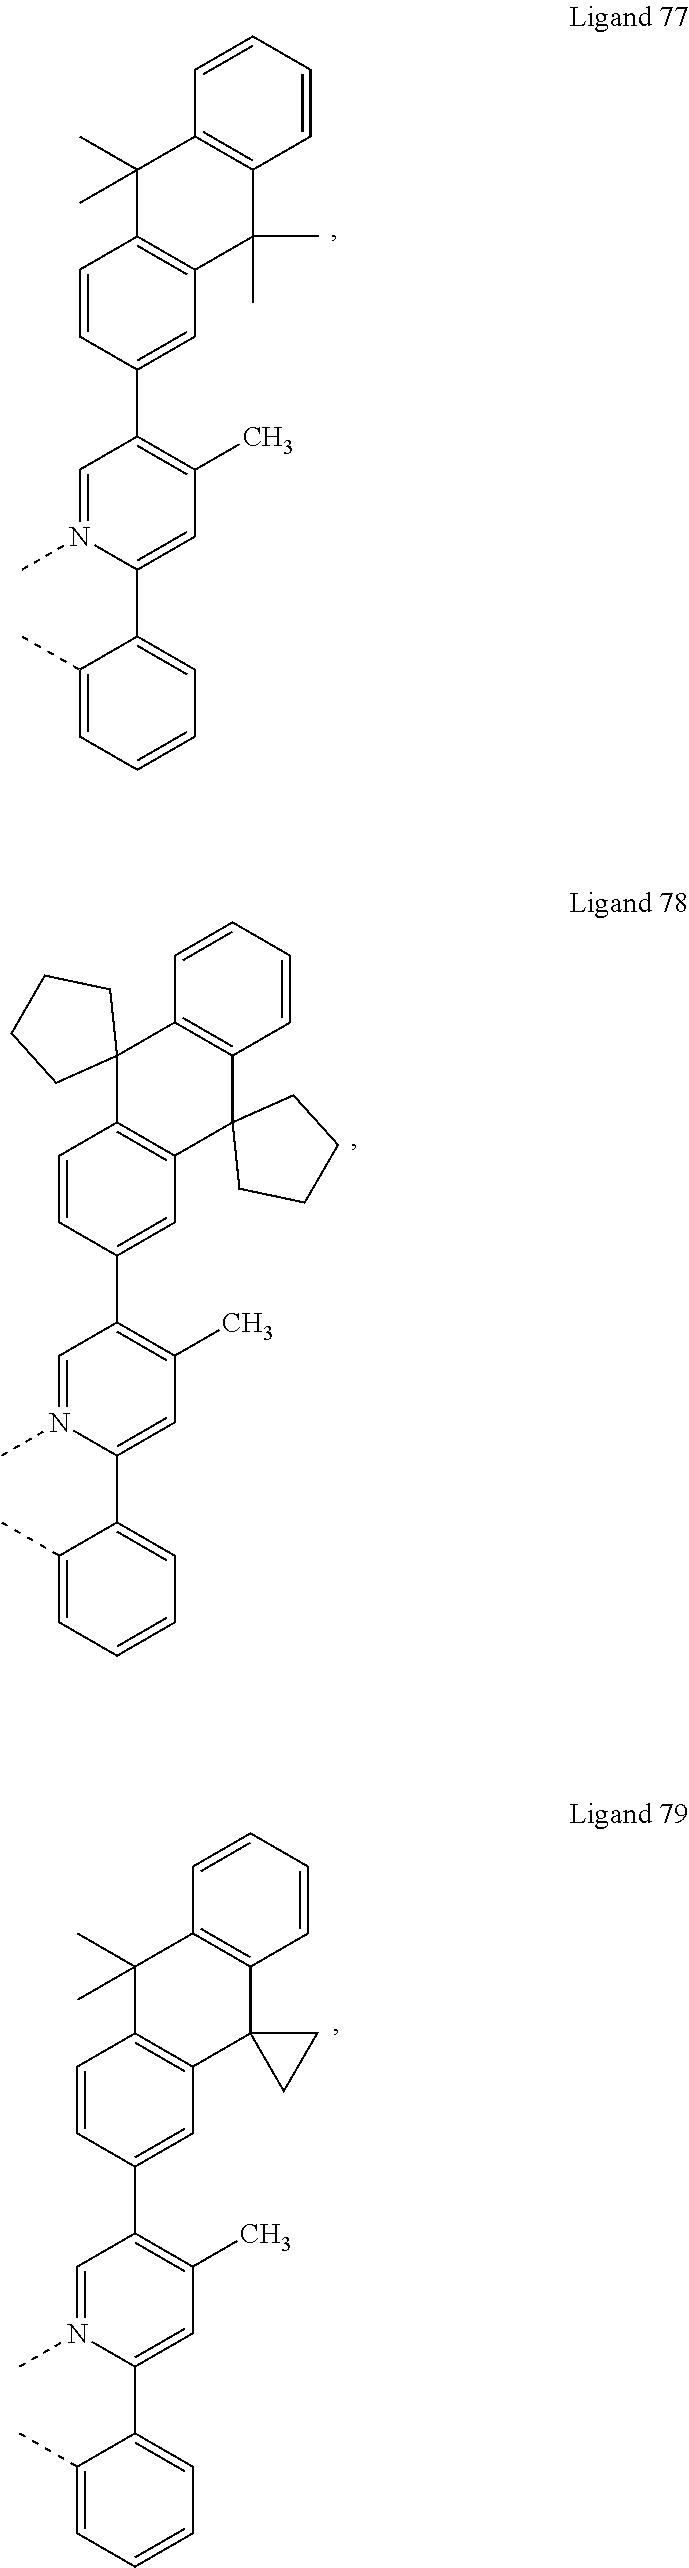 Figure US20180130962A1-20180510-C00049